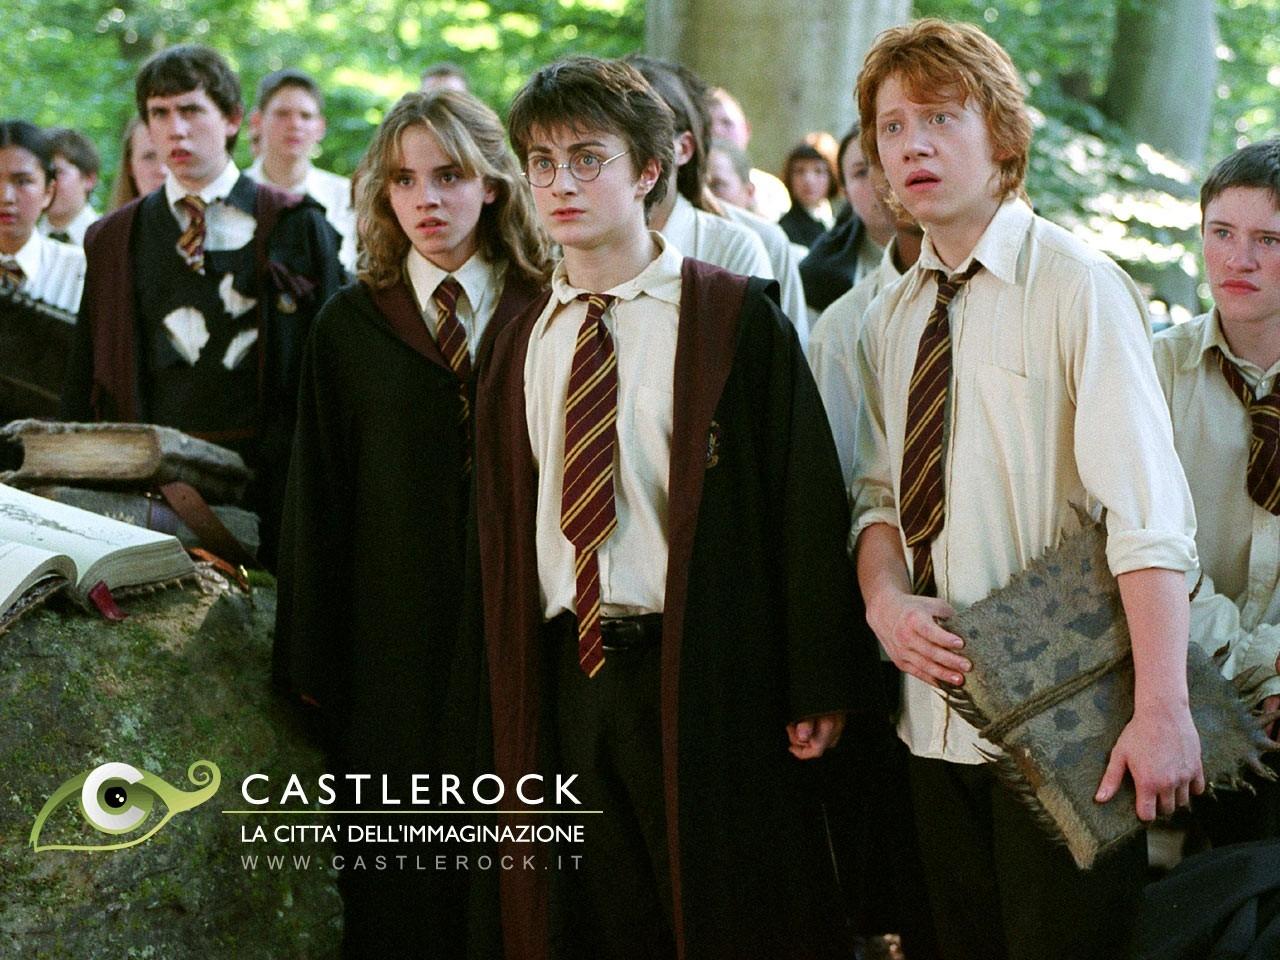 Wallpaper del film Harry Potter e il prigioniero di Azkaban con i tre protagonisti della saga di J.K. Rowling